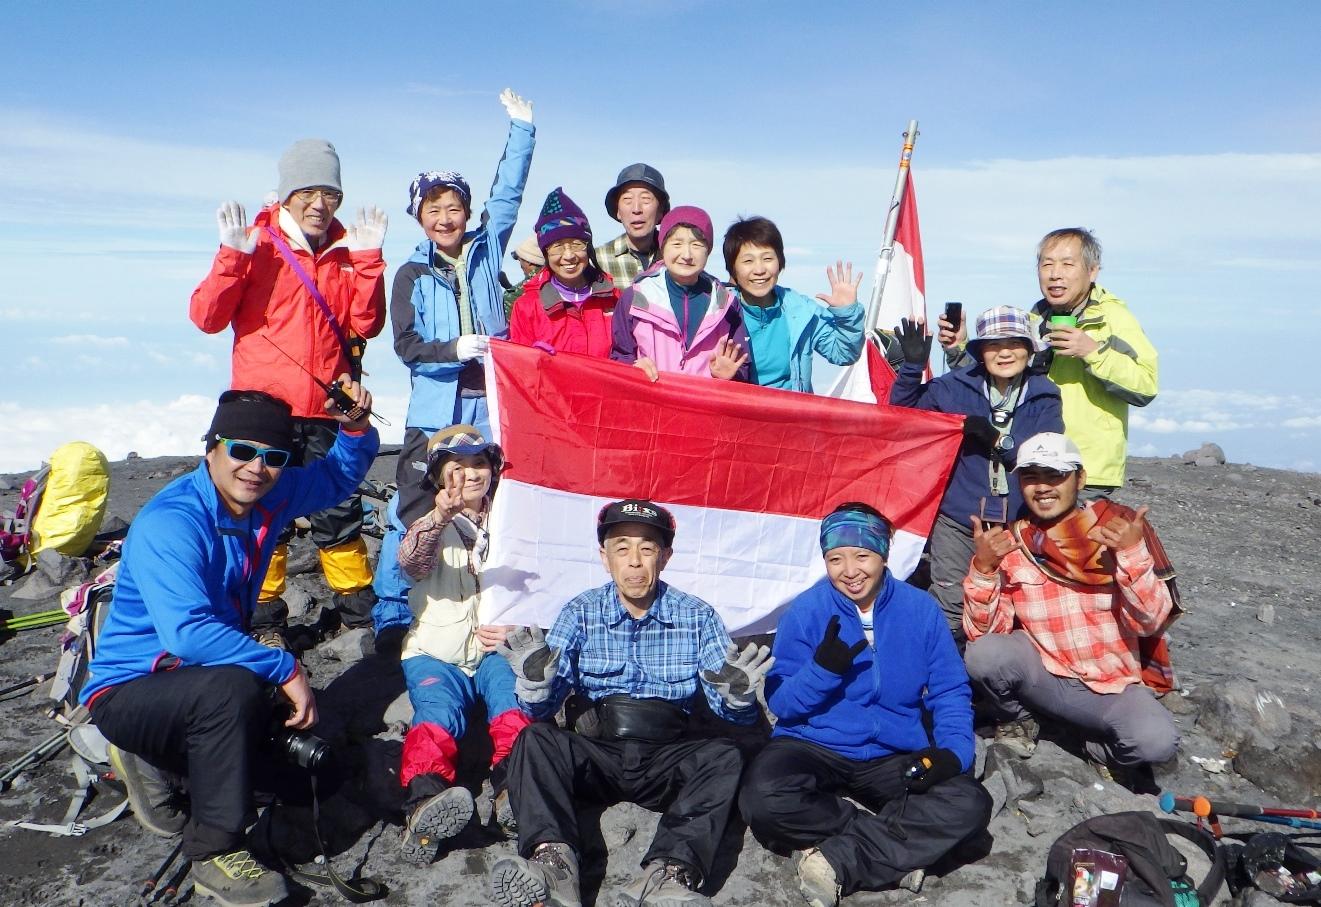 5月13日出発「ジャワ島最高峰スメル山登頂と絶景の ブロモ山展望、ボロブドゥール遺跡 8日間」